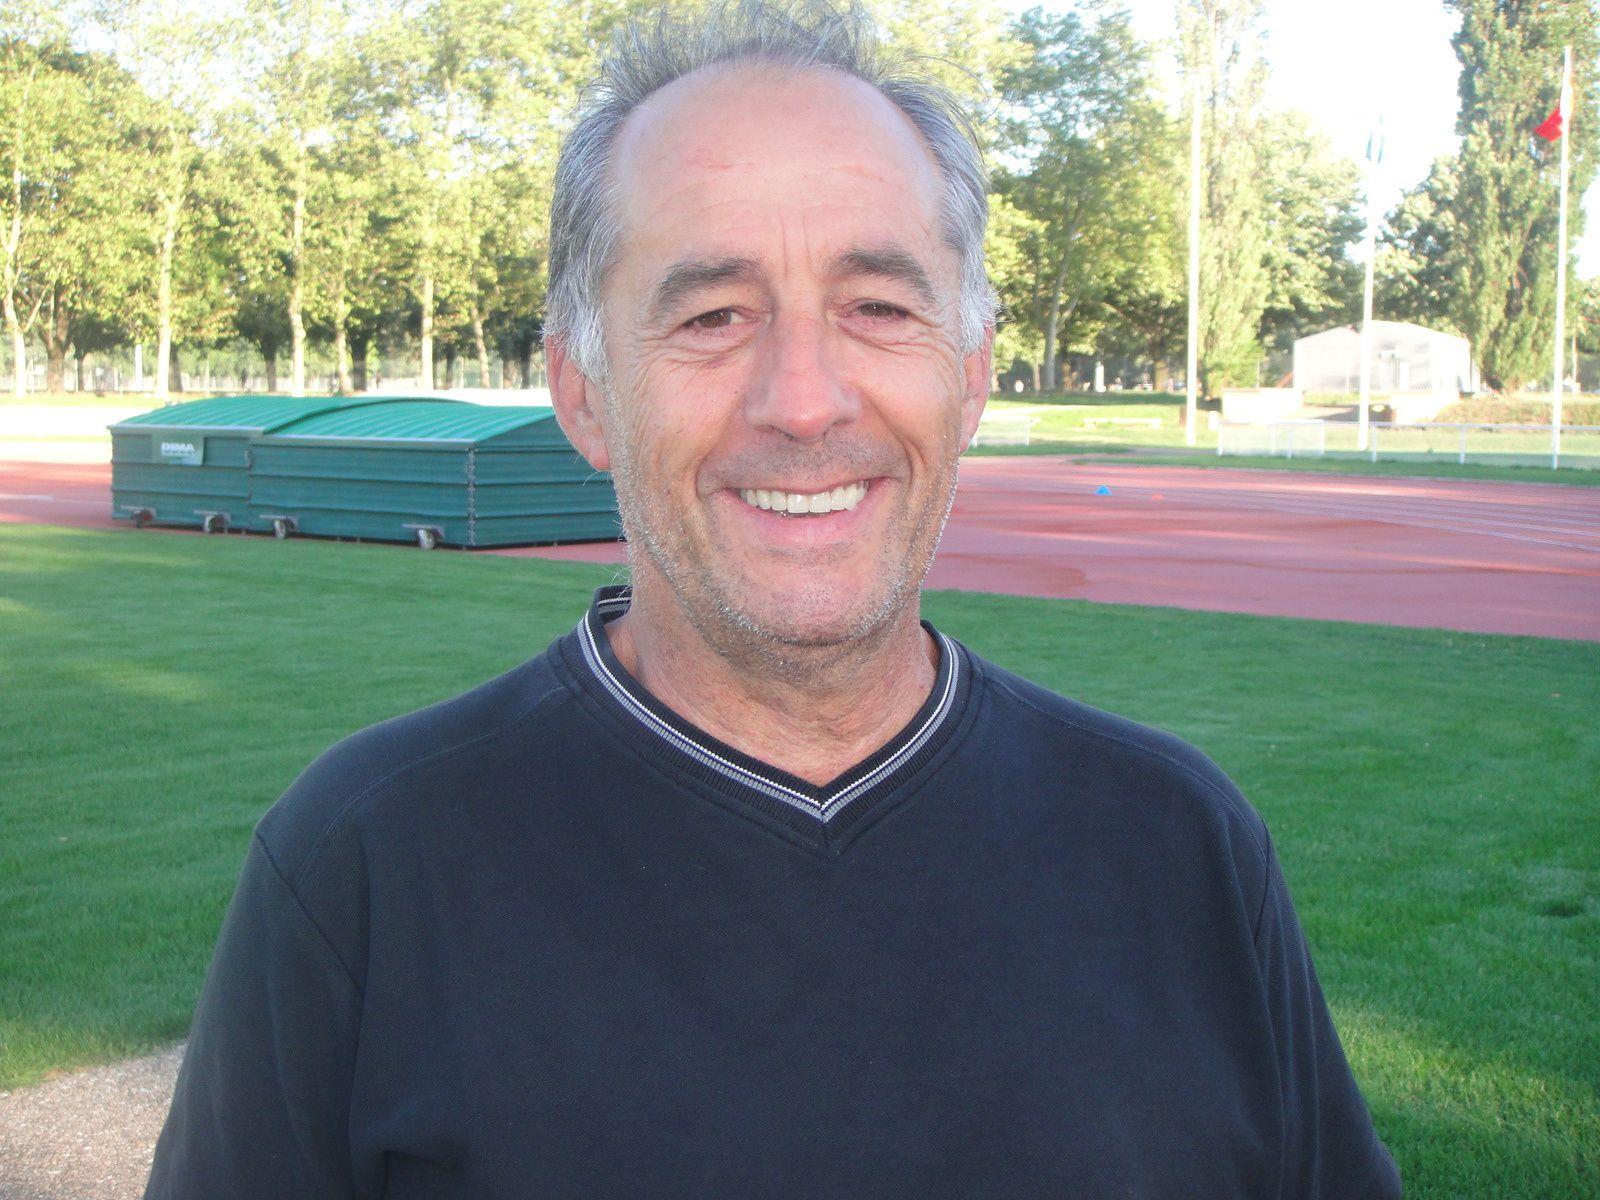 Gérald de Haro entraîneur de l'équipe de Nationale 2 de Vénissieux Handball